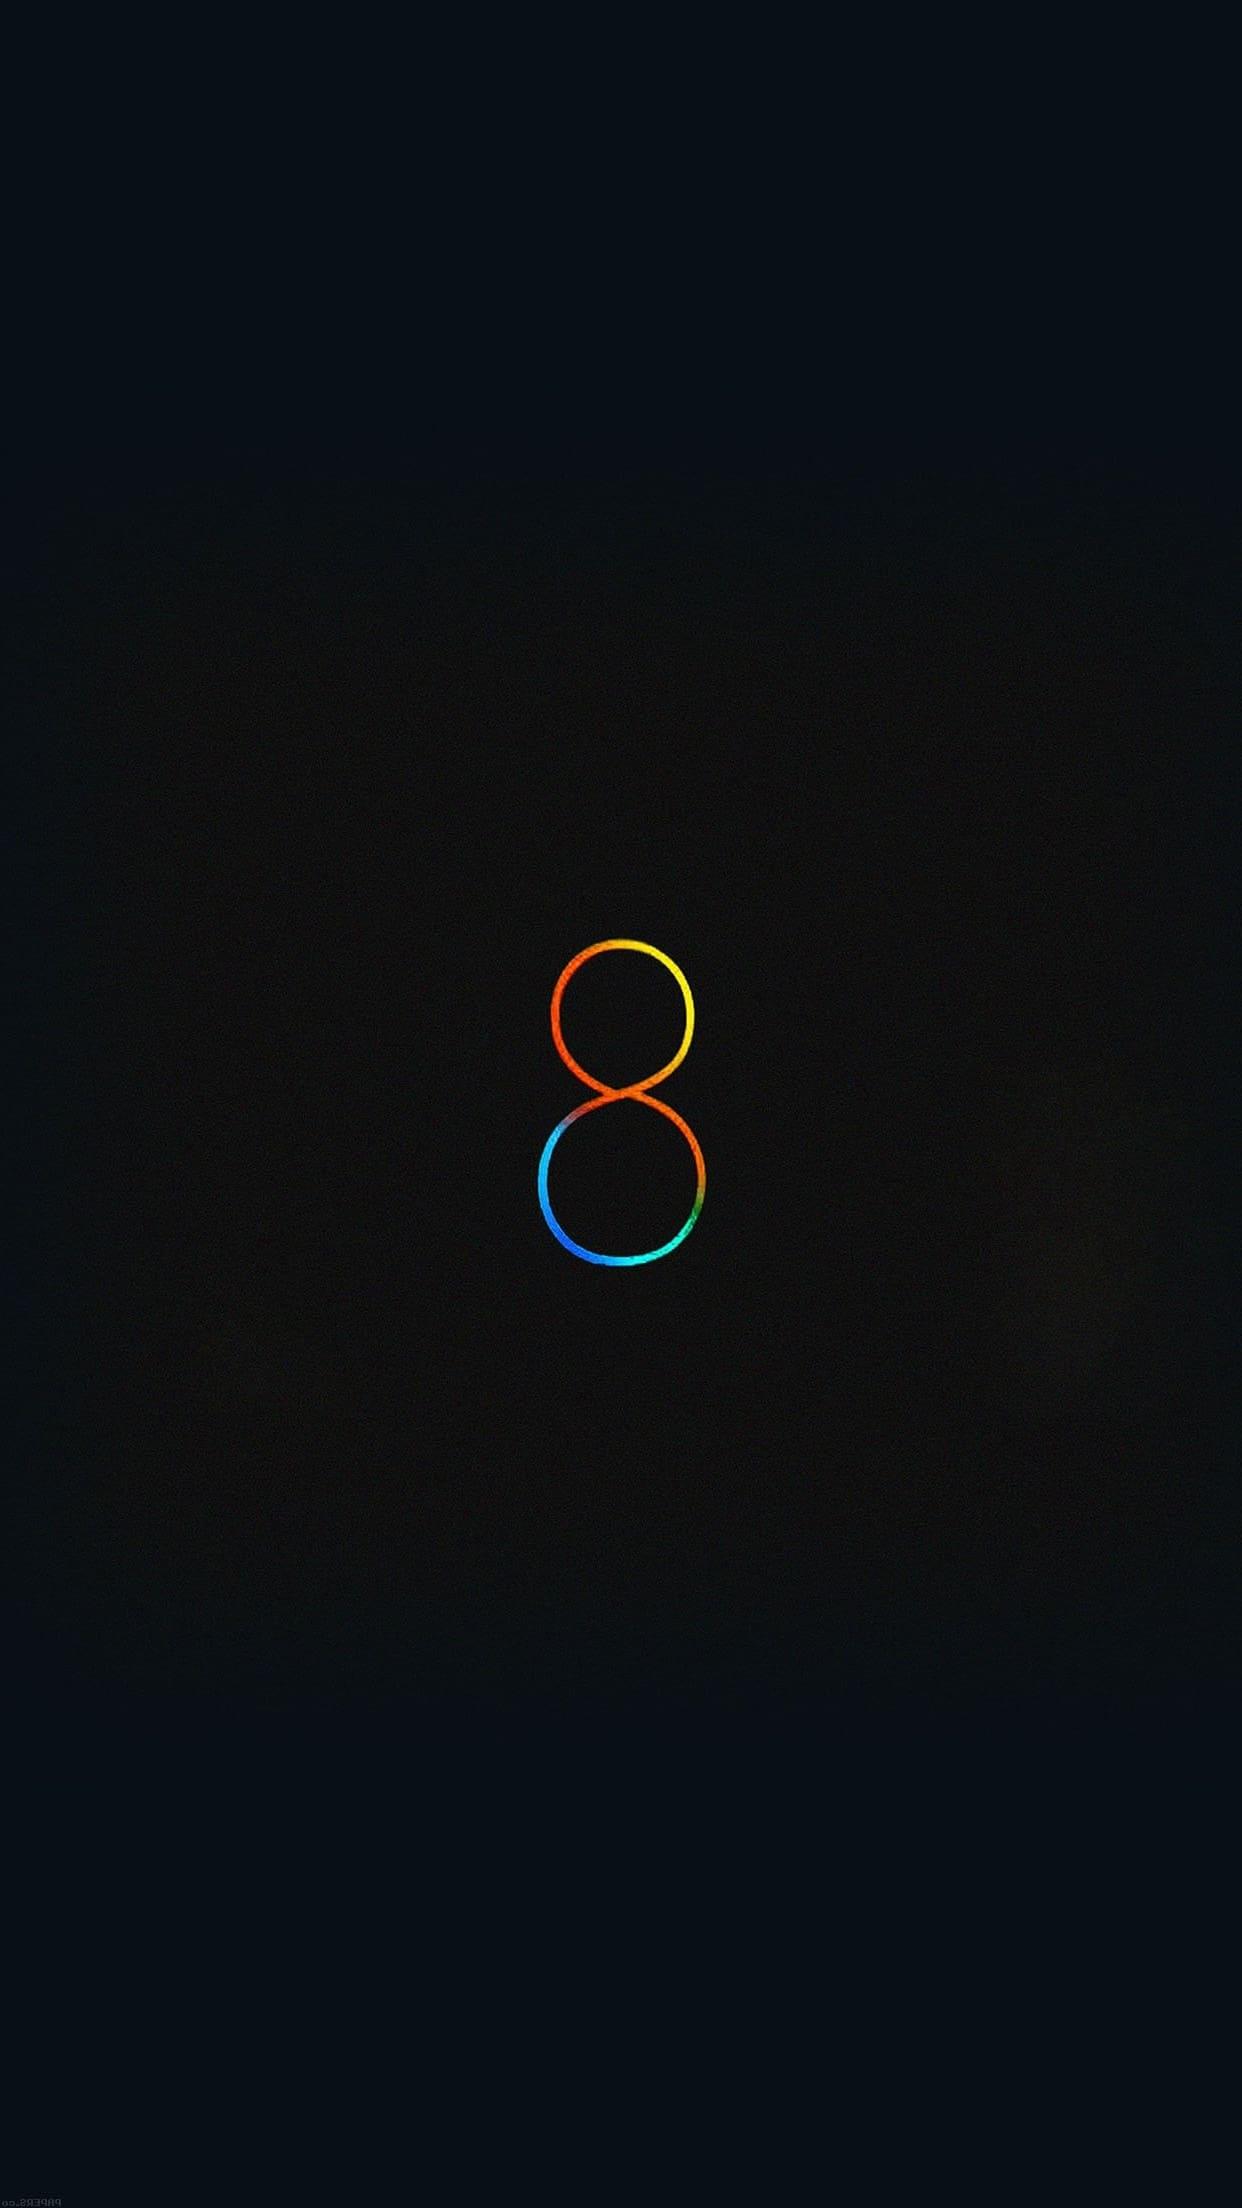 черный фон обои на телефон iphone 5s